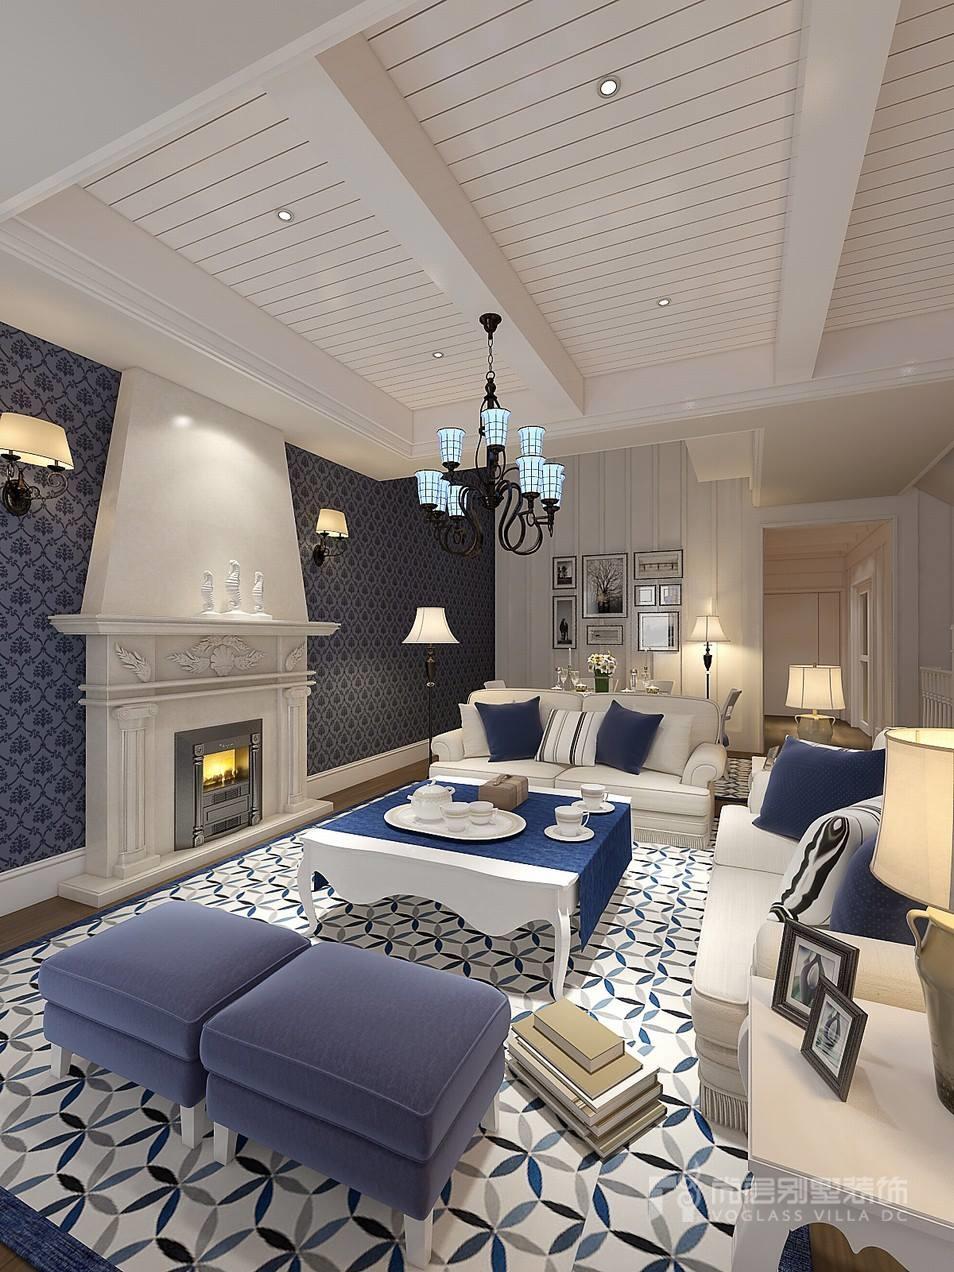 430平米地中海风格别墅装修案例设计效果图 — 上海